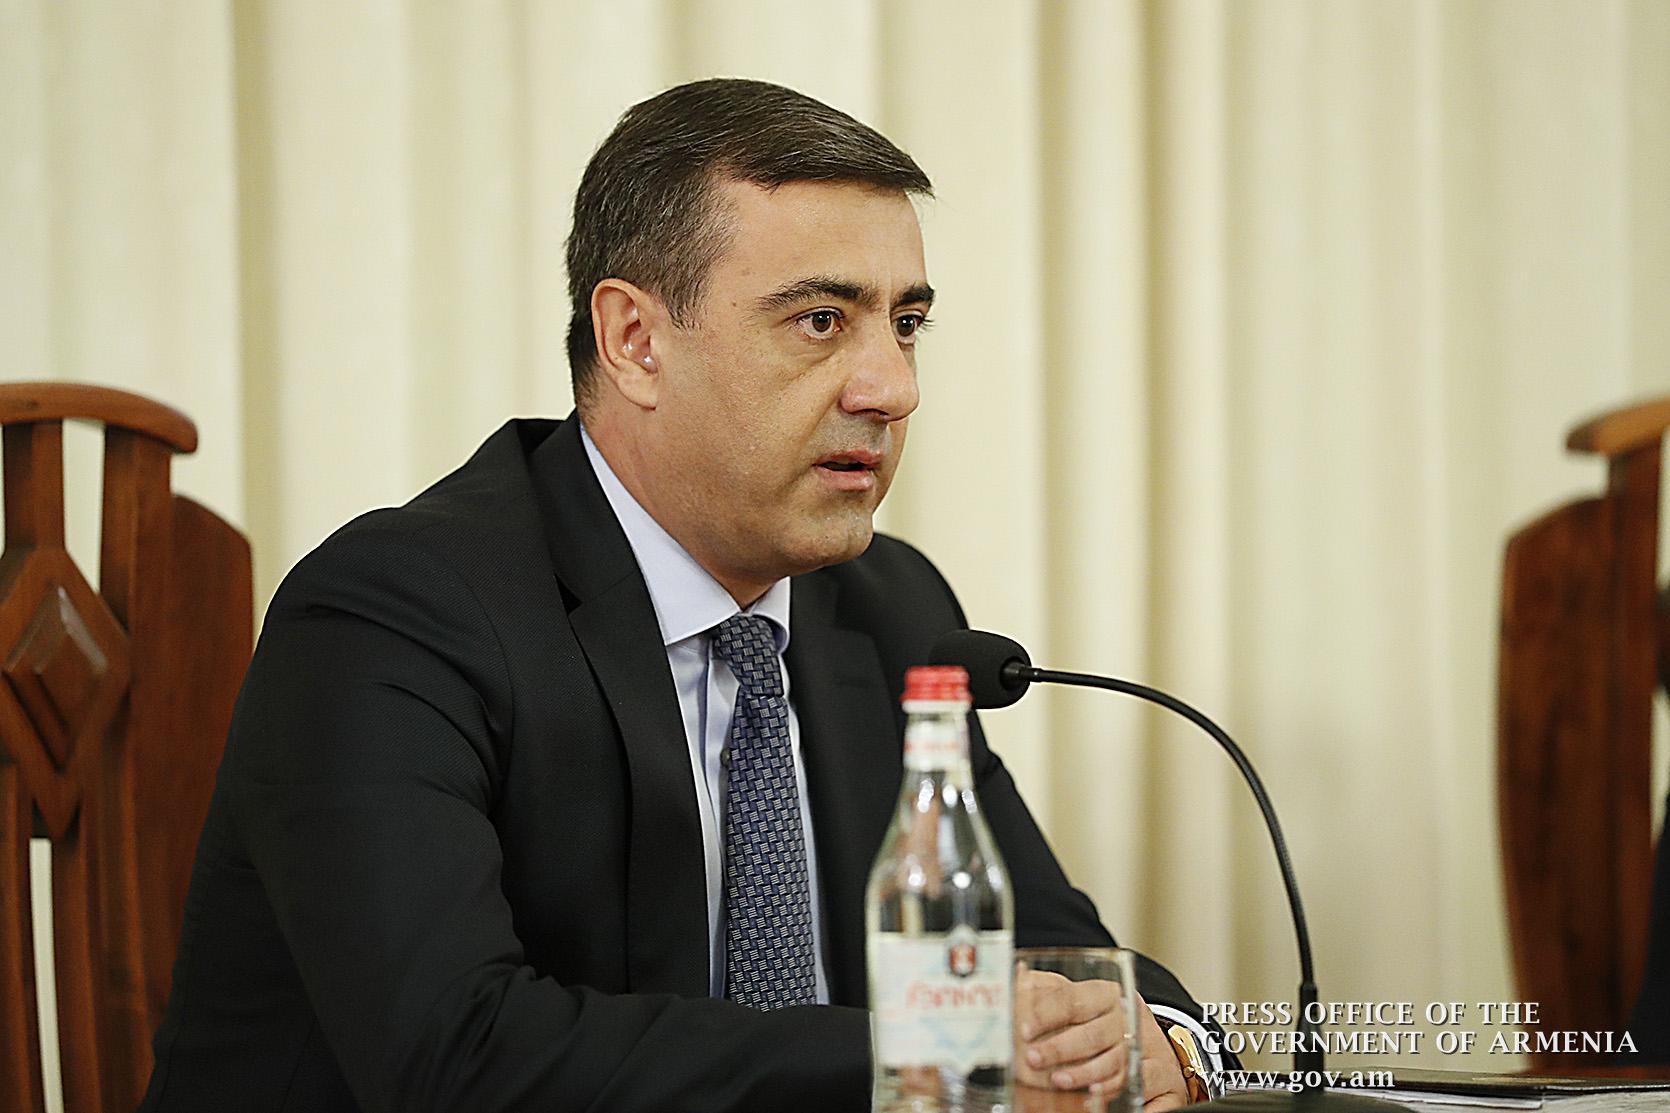 Էդուարդ Մարտիրոսյանը վստահեցնում է՝ Ազգային անվտանգության ծառայությունը ոչնչով կաշկանդված չէ